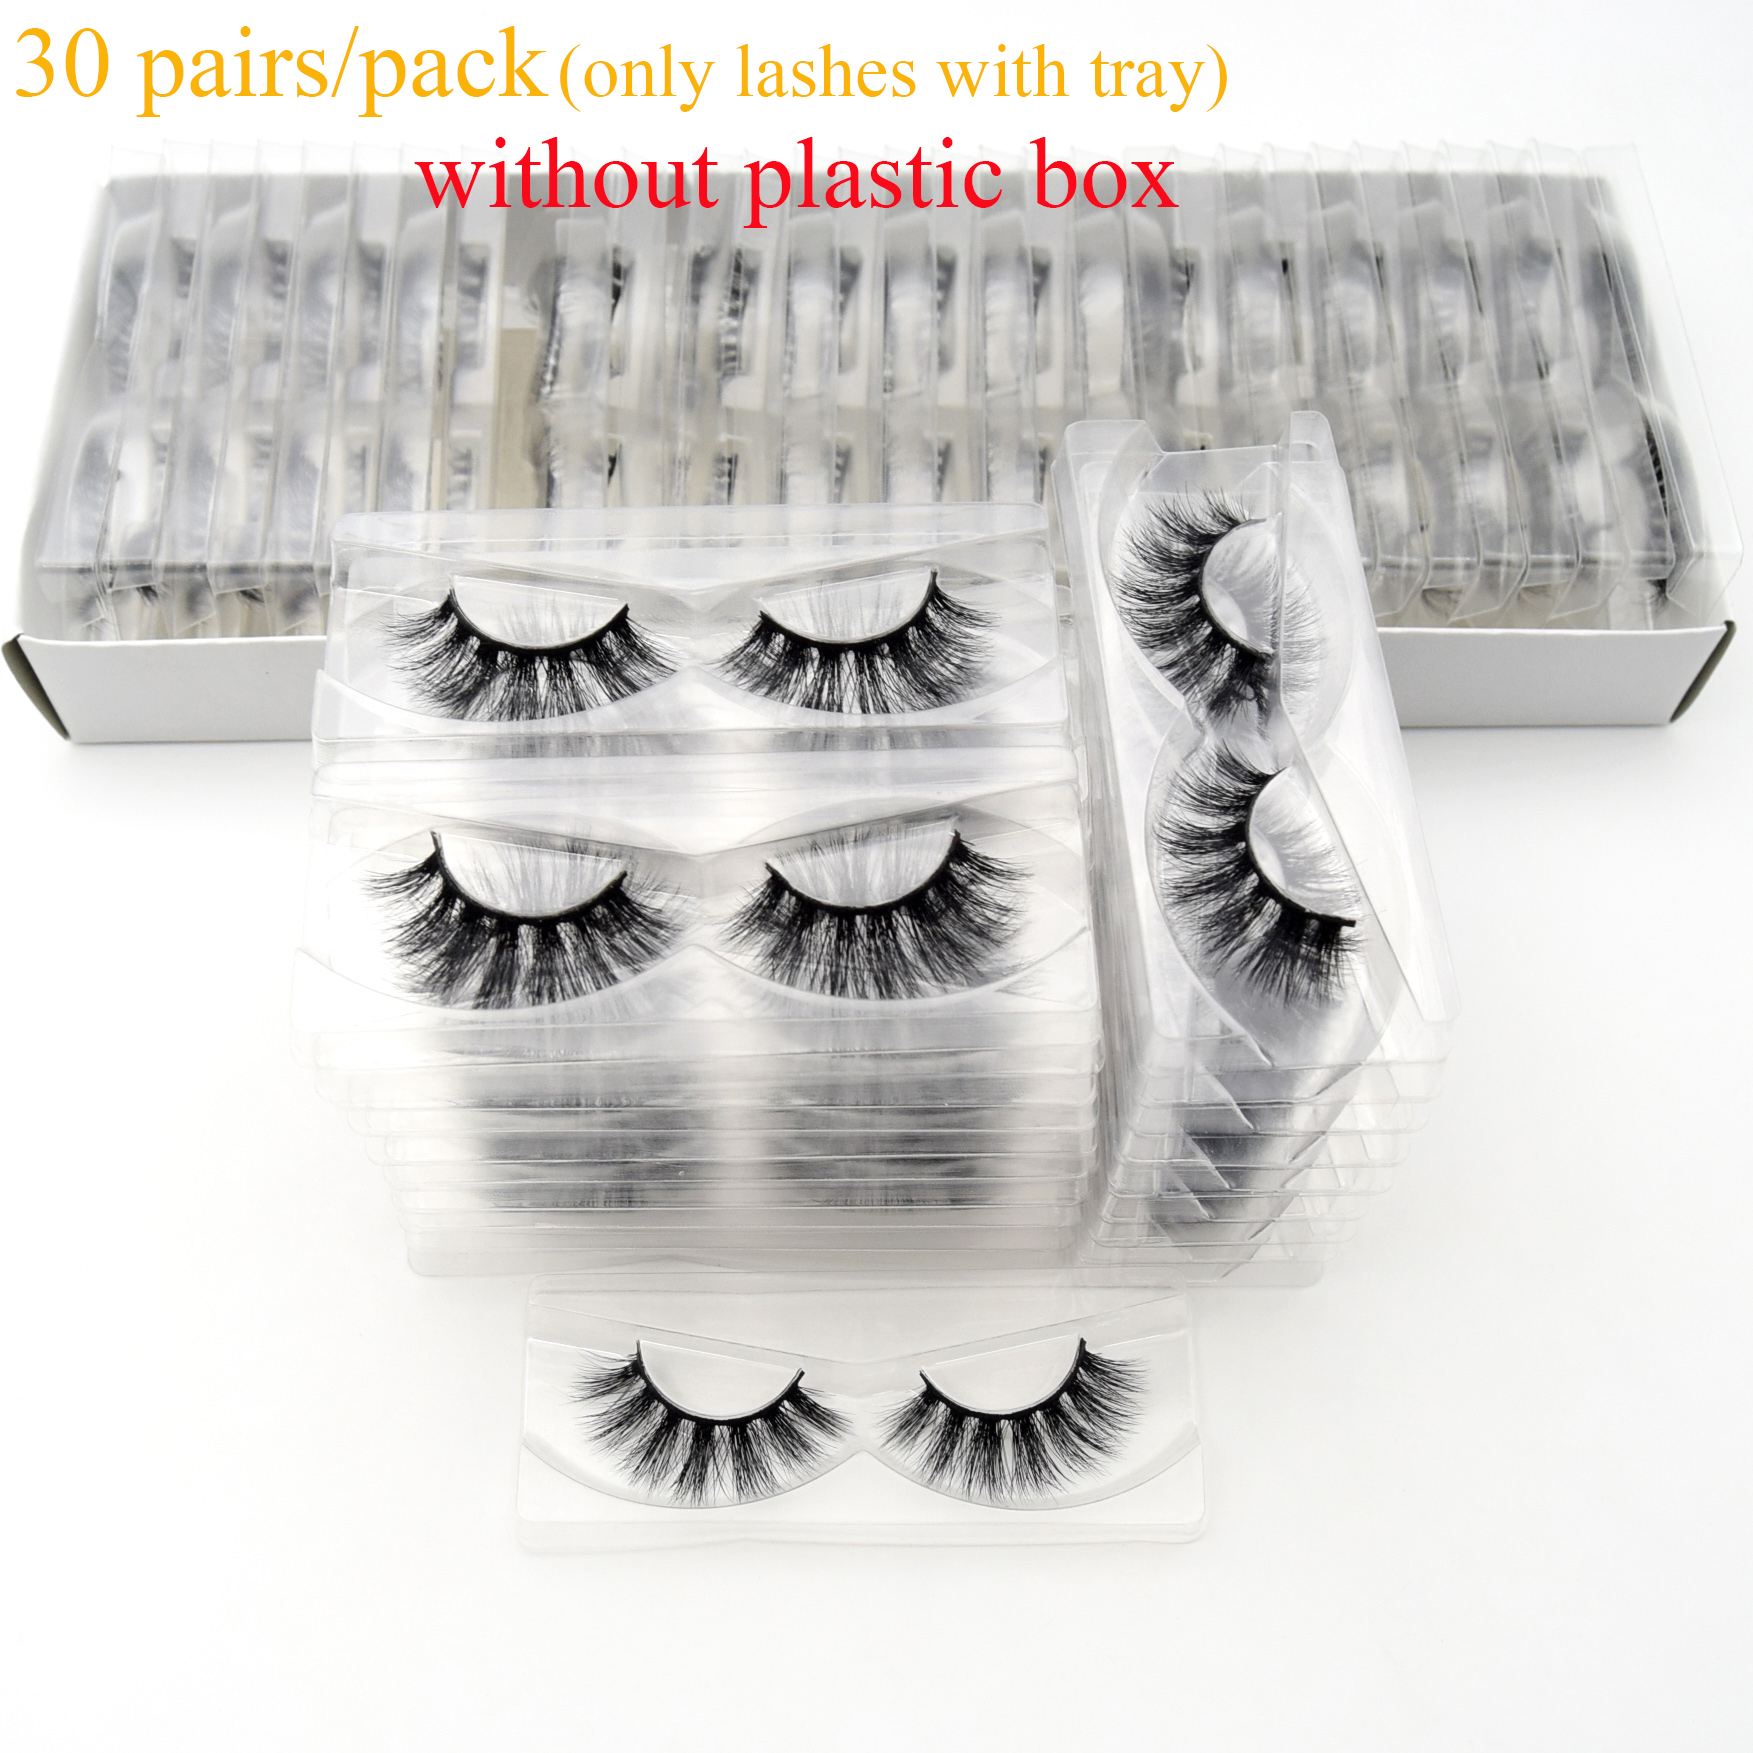 Visofree Mink-Eyelashes Tray Handmade Natural Reusable No-Box Full-Strip with 30/40/100/pairs